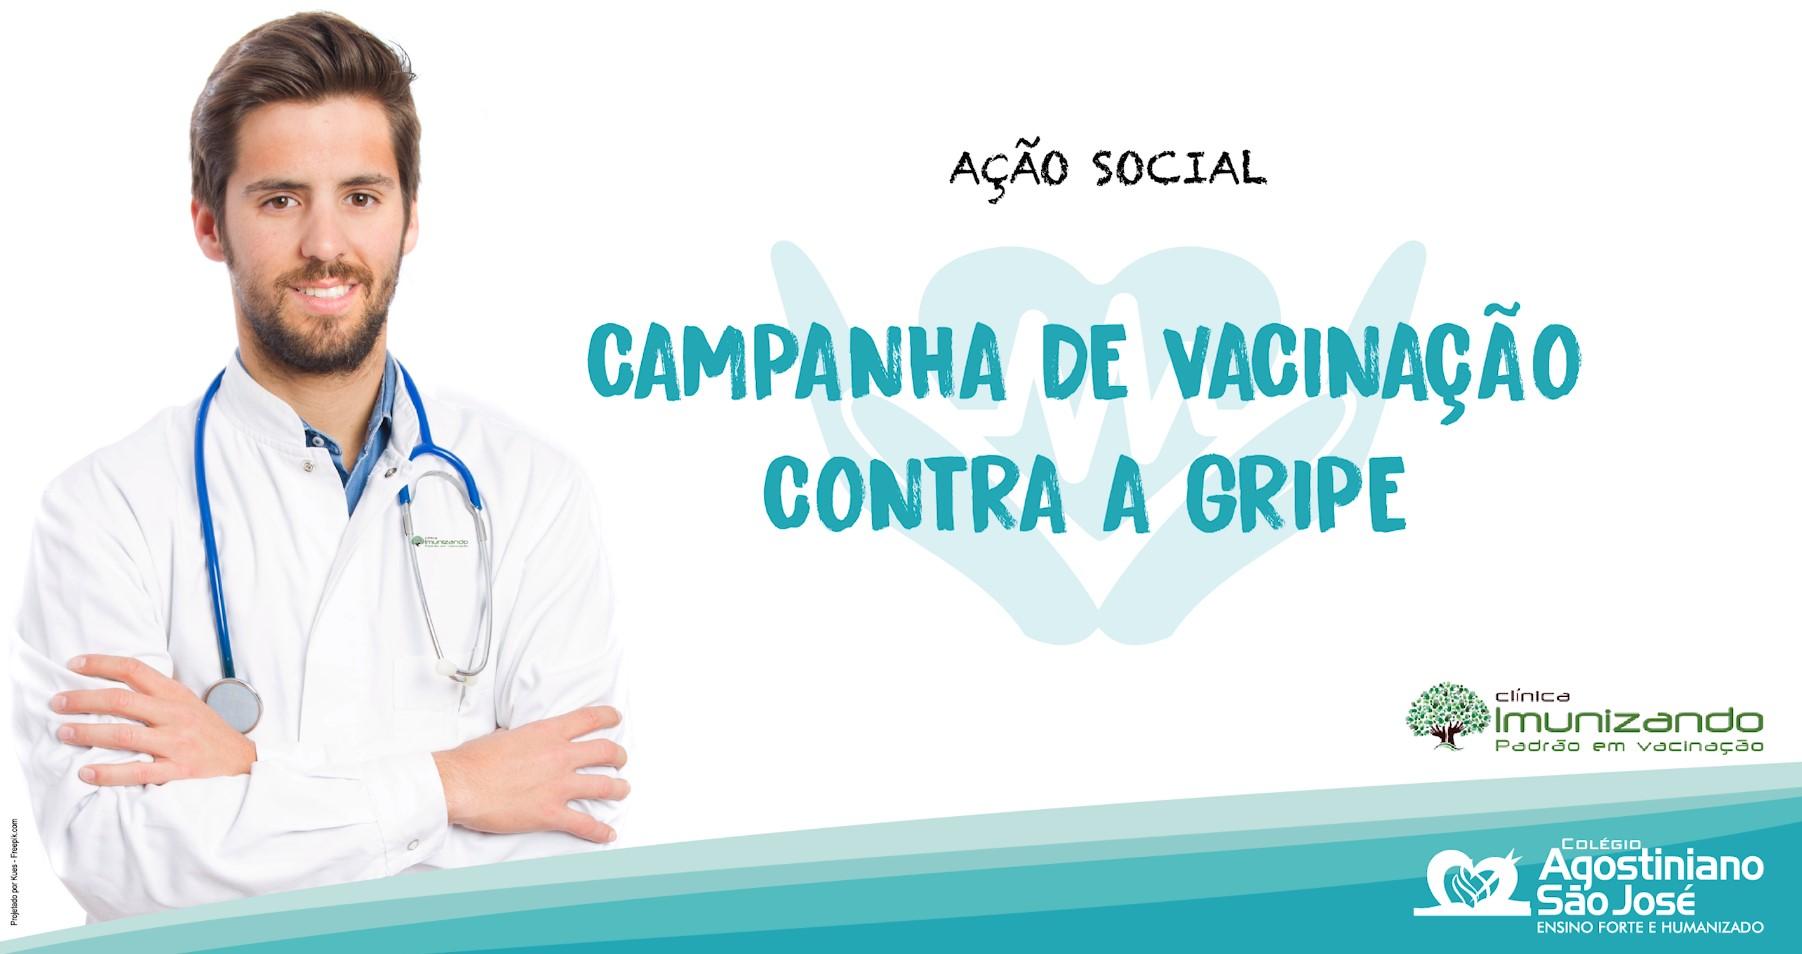 O Pulo do Gato – Rádio Bandeirantes - Campanha de vacinação